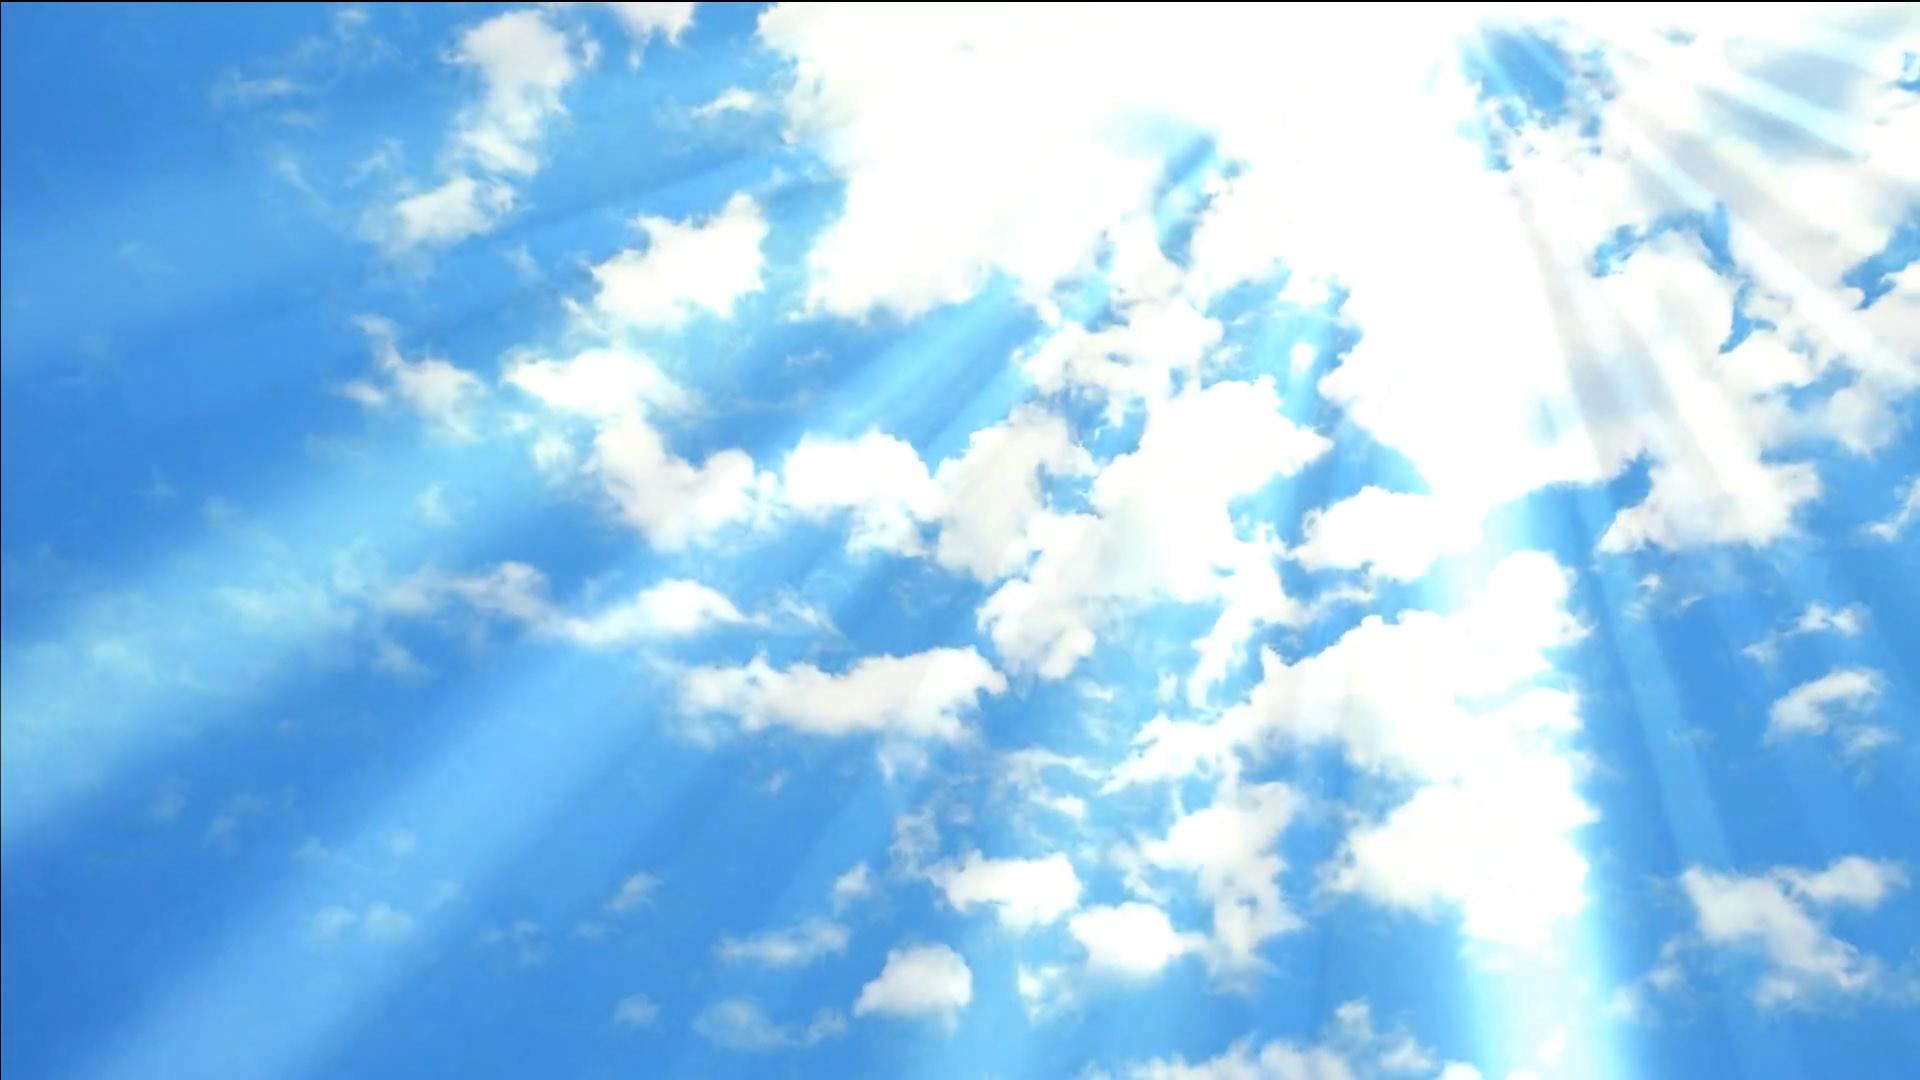 Light blue sky background